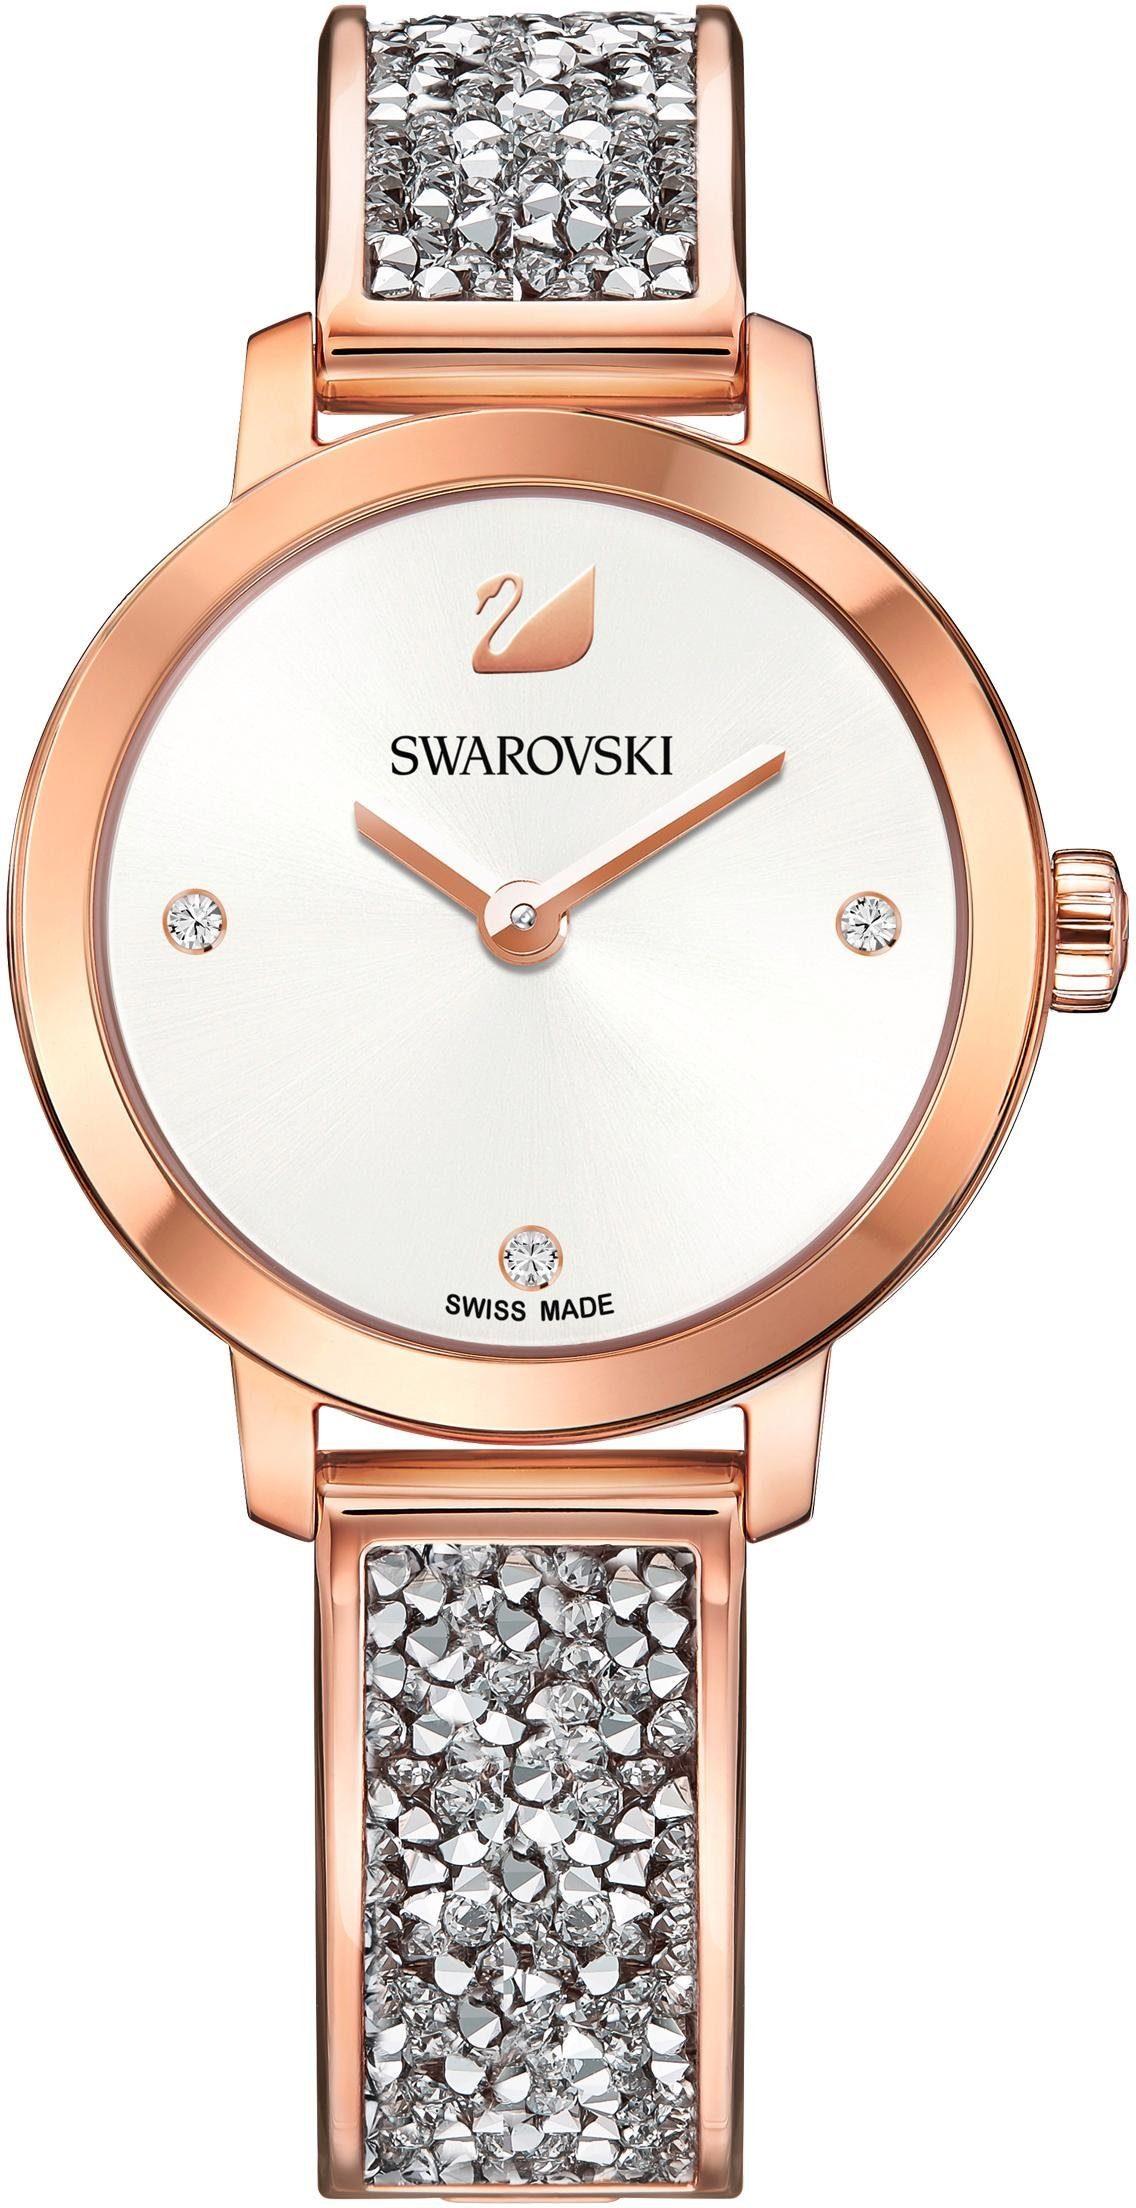 Swarovski Schweizer Uhr »Cosmic Rock Uhr, Metallarmband, weiss, roséfarben, 5376092«